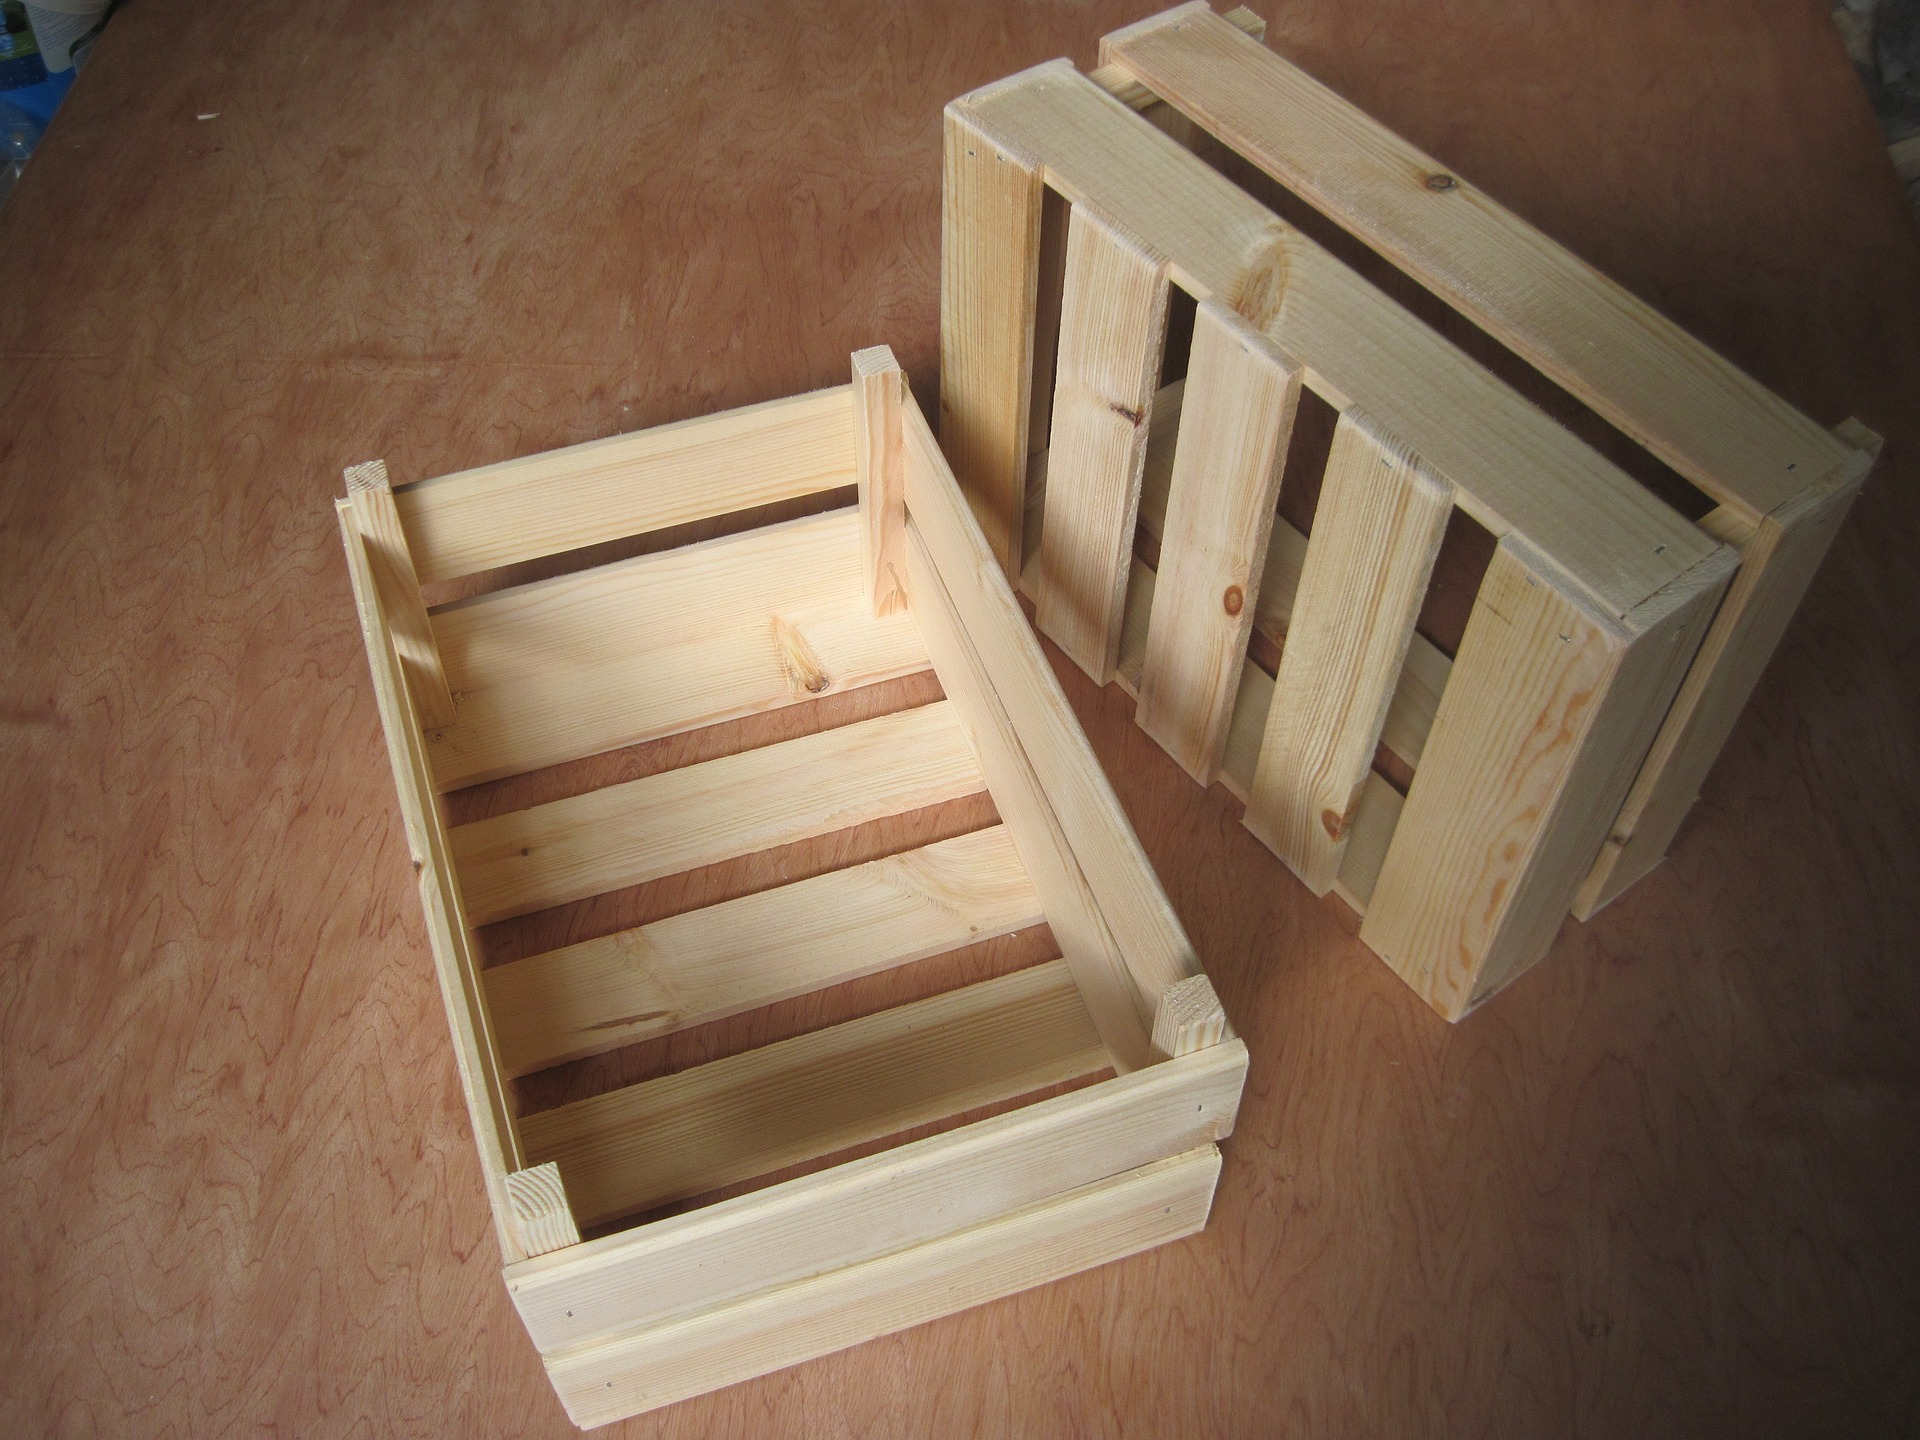 Drewniane skrzynie.